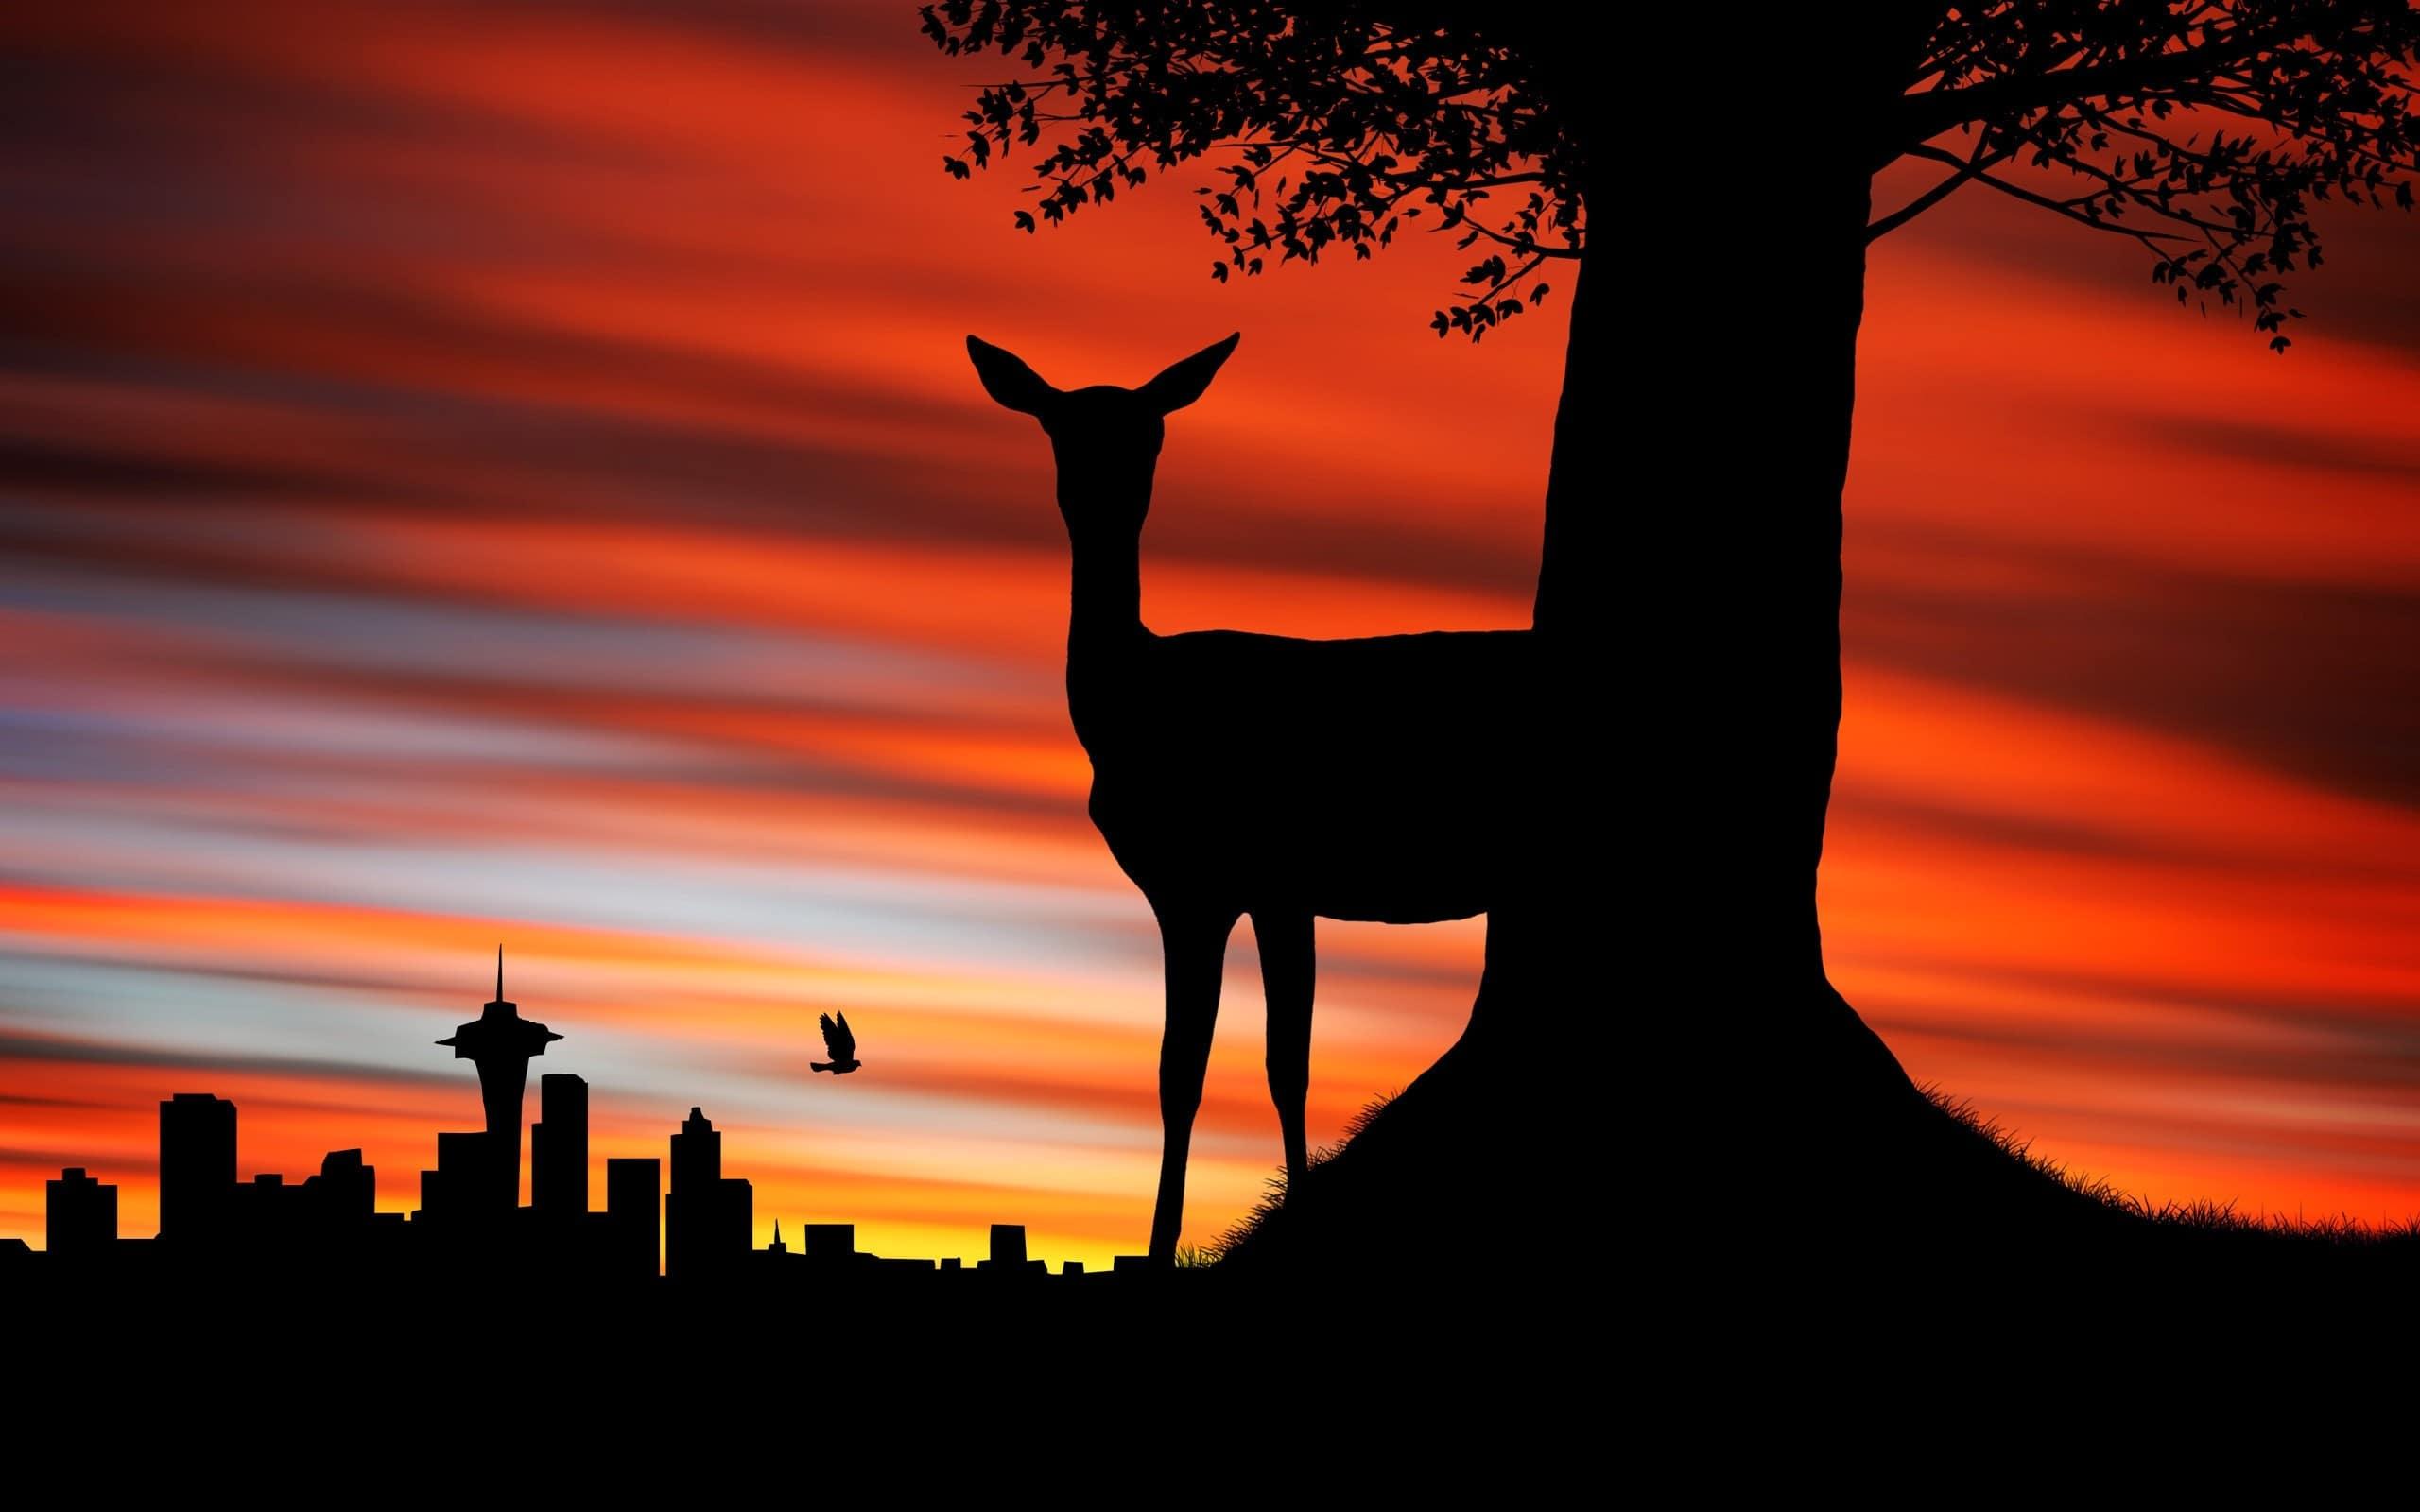 couchers-de-soleil-cover-biche-afrique-du-sud-decouverte